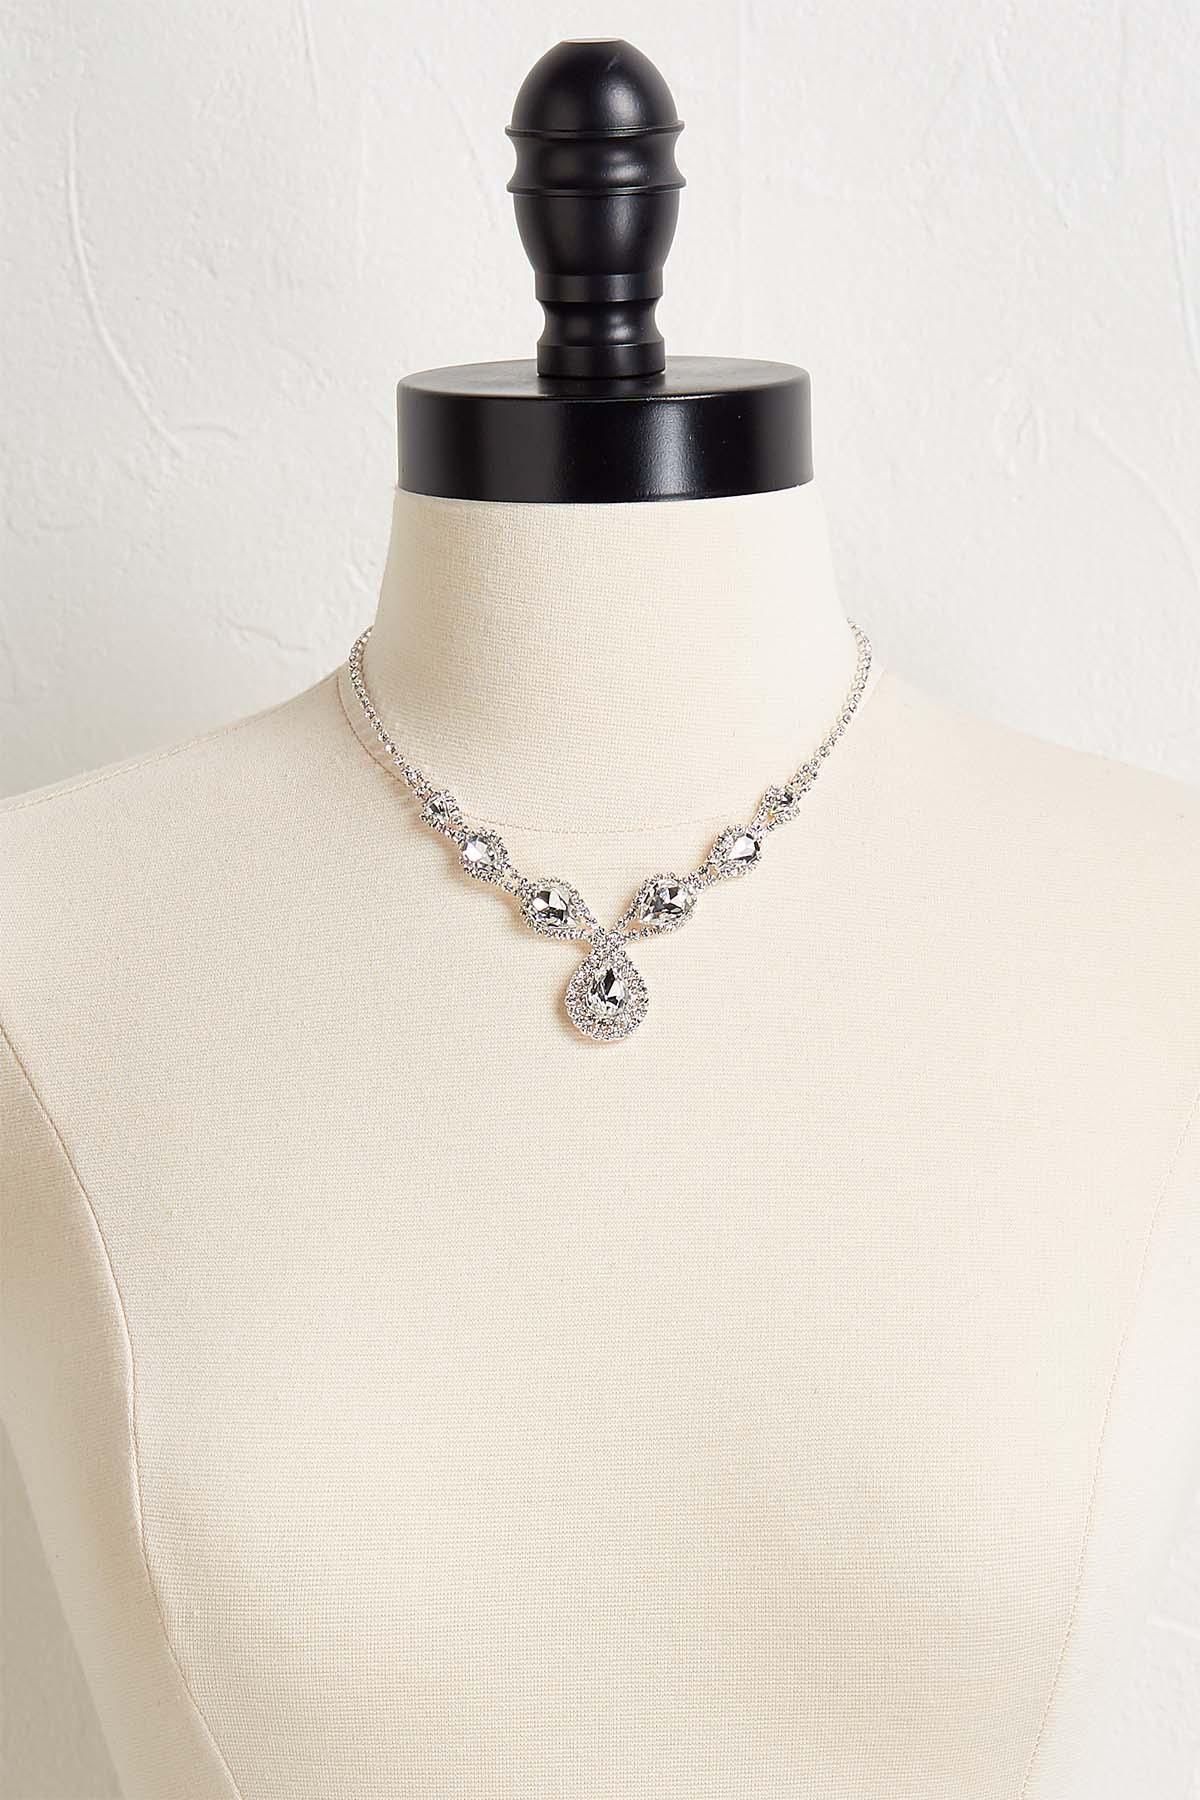 Tear Shaped Rhinestone Necklace Set